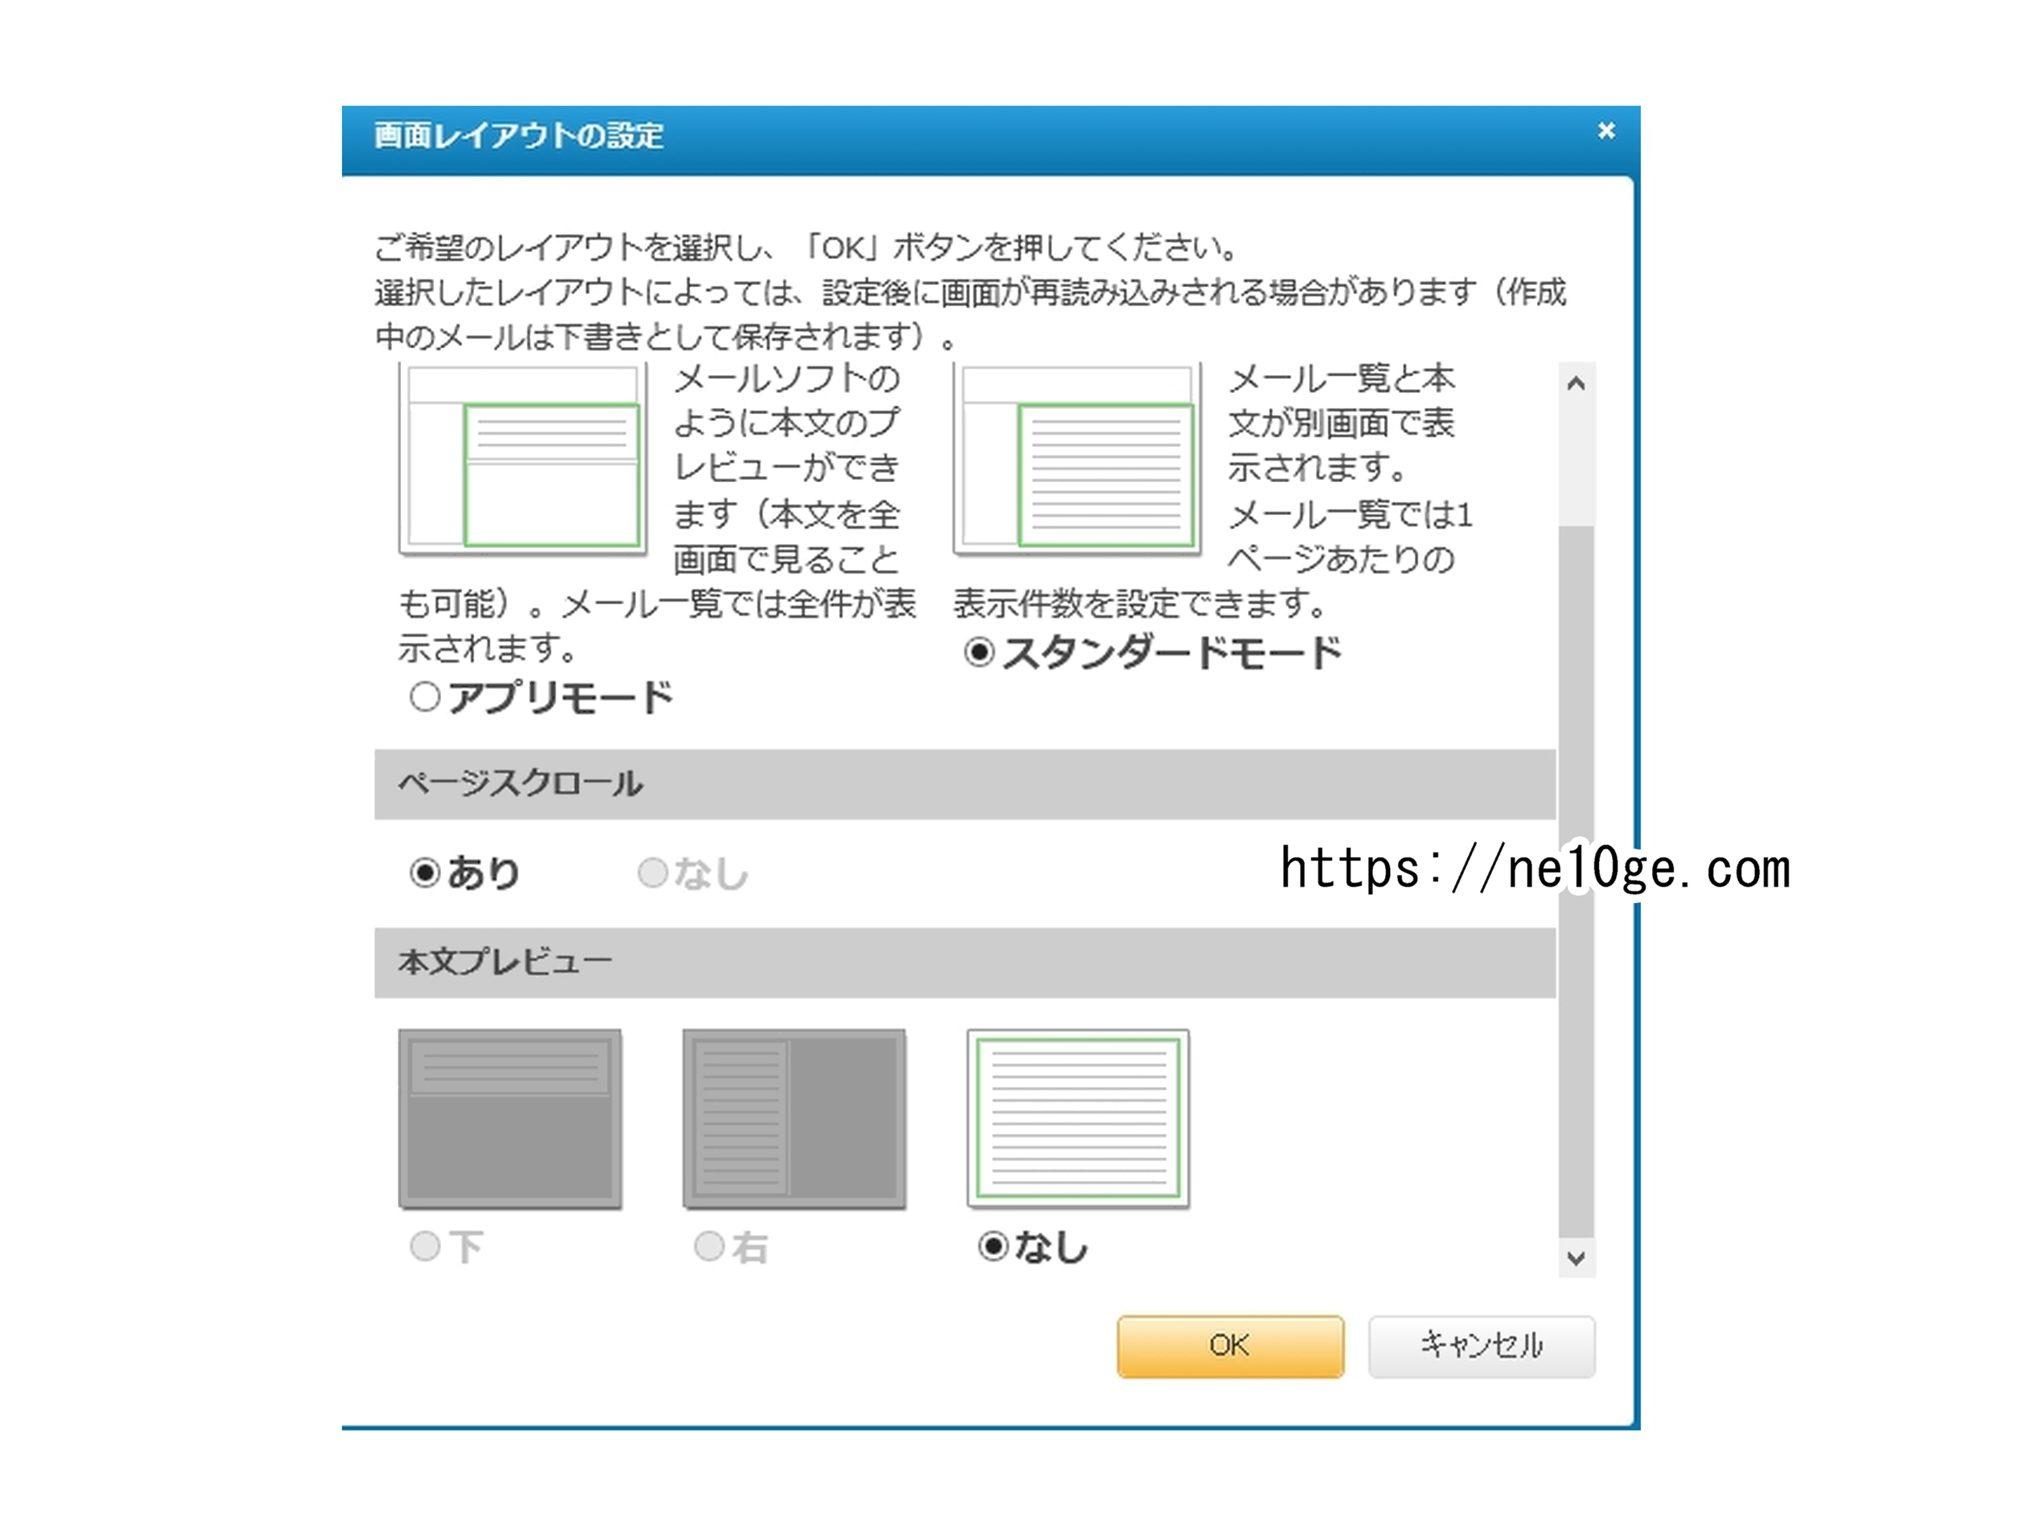 Yahoo!メールで個人フォルダ―が表示されなくなった時、画面レイアウトの設定を見直した